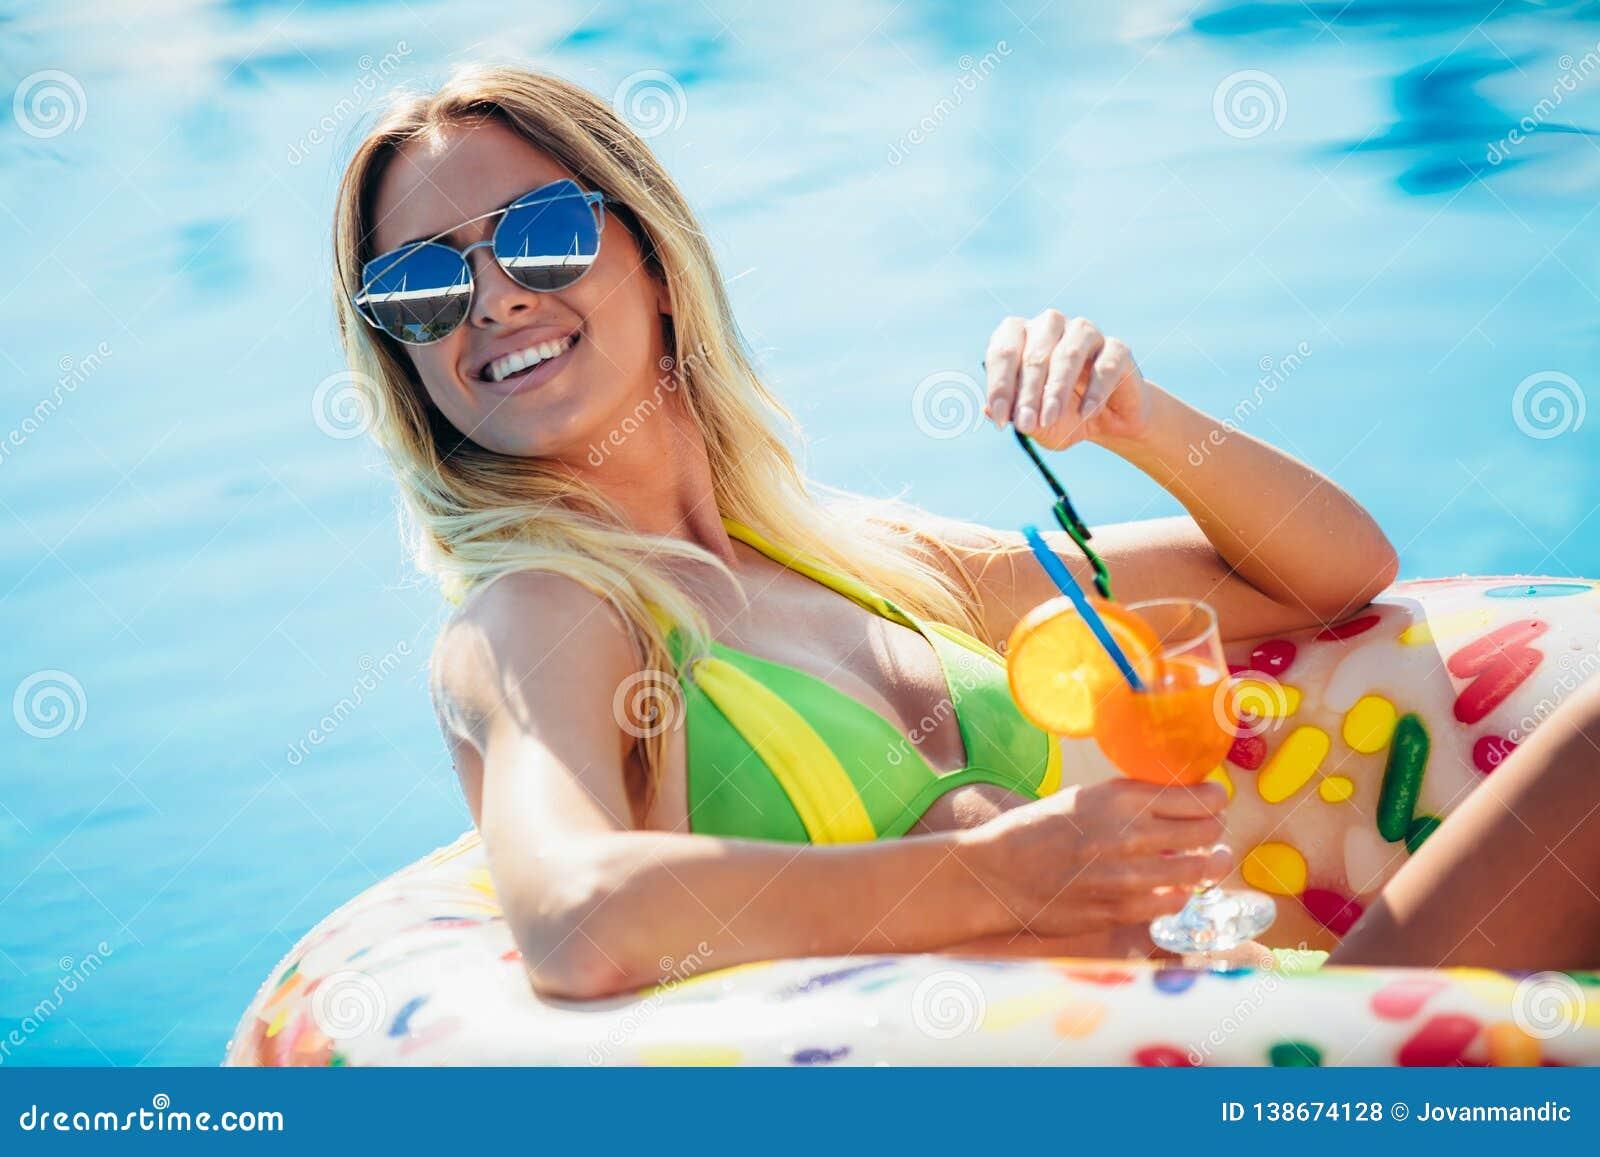 Genießen von Sonnenbräune Frau im Bikini auf der aufblasbaren Matratze im Swimmingpool